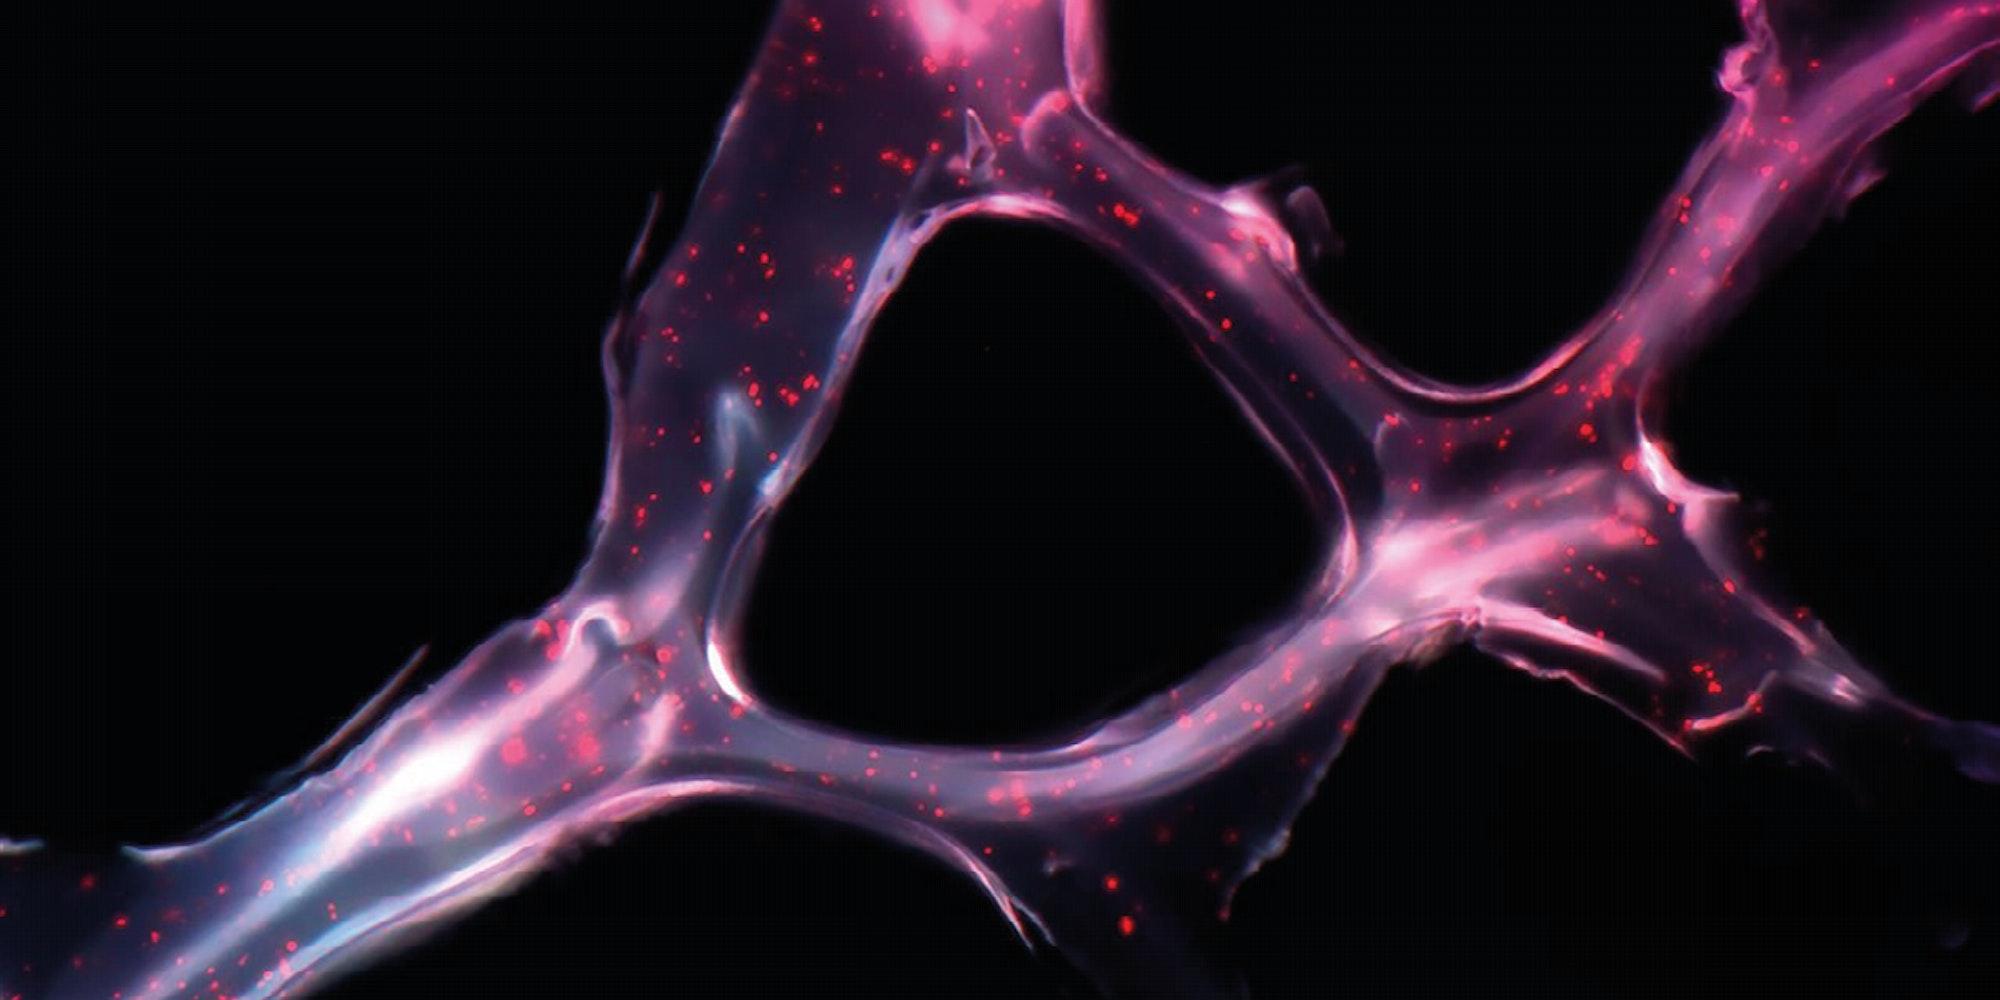 Cover Image for Mitos y realidades sobre el cáncer